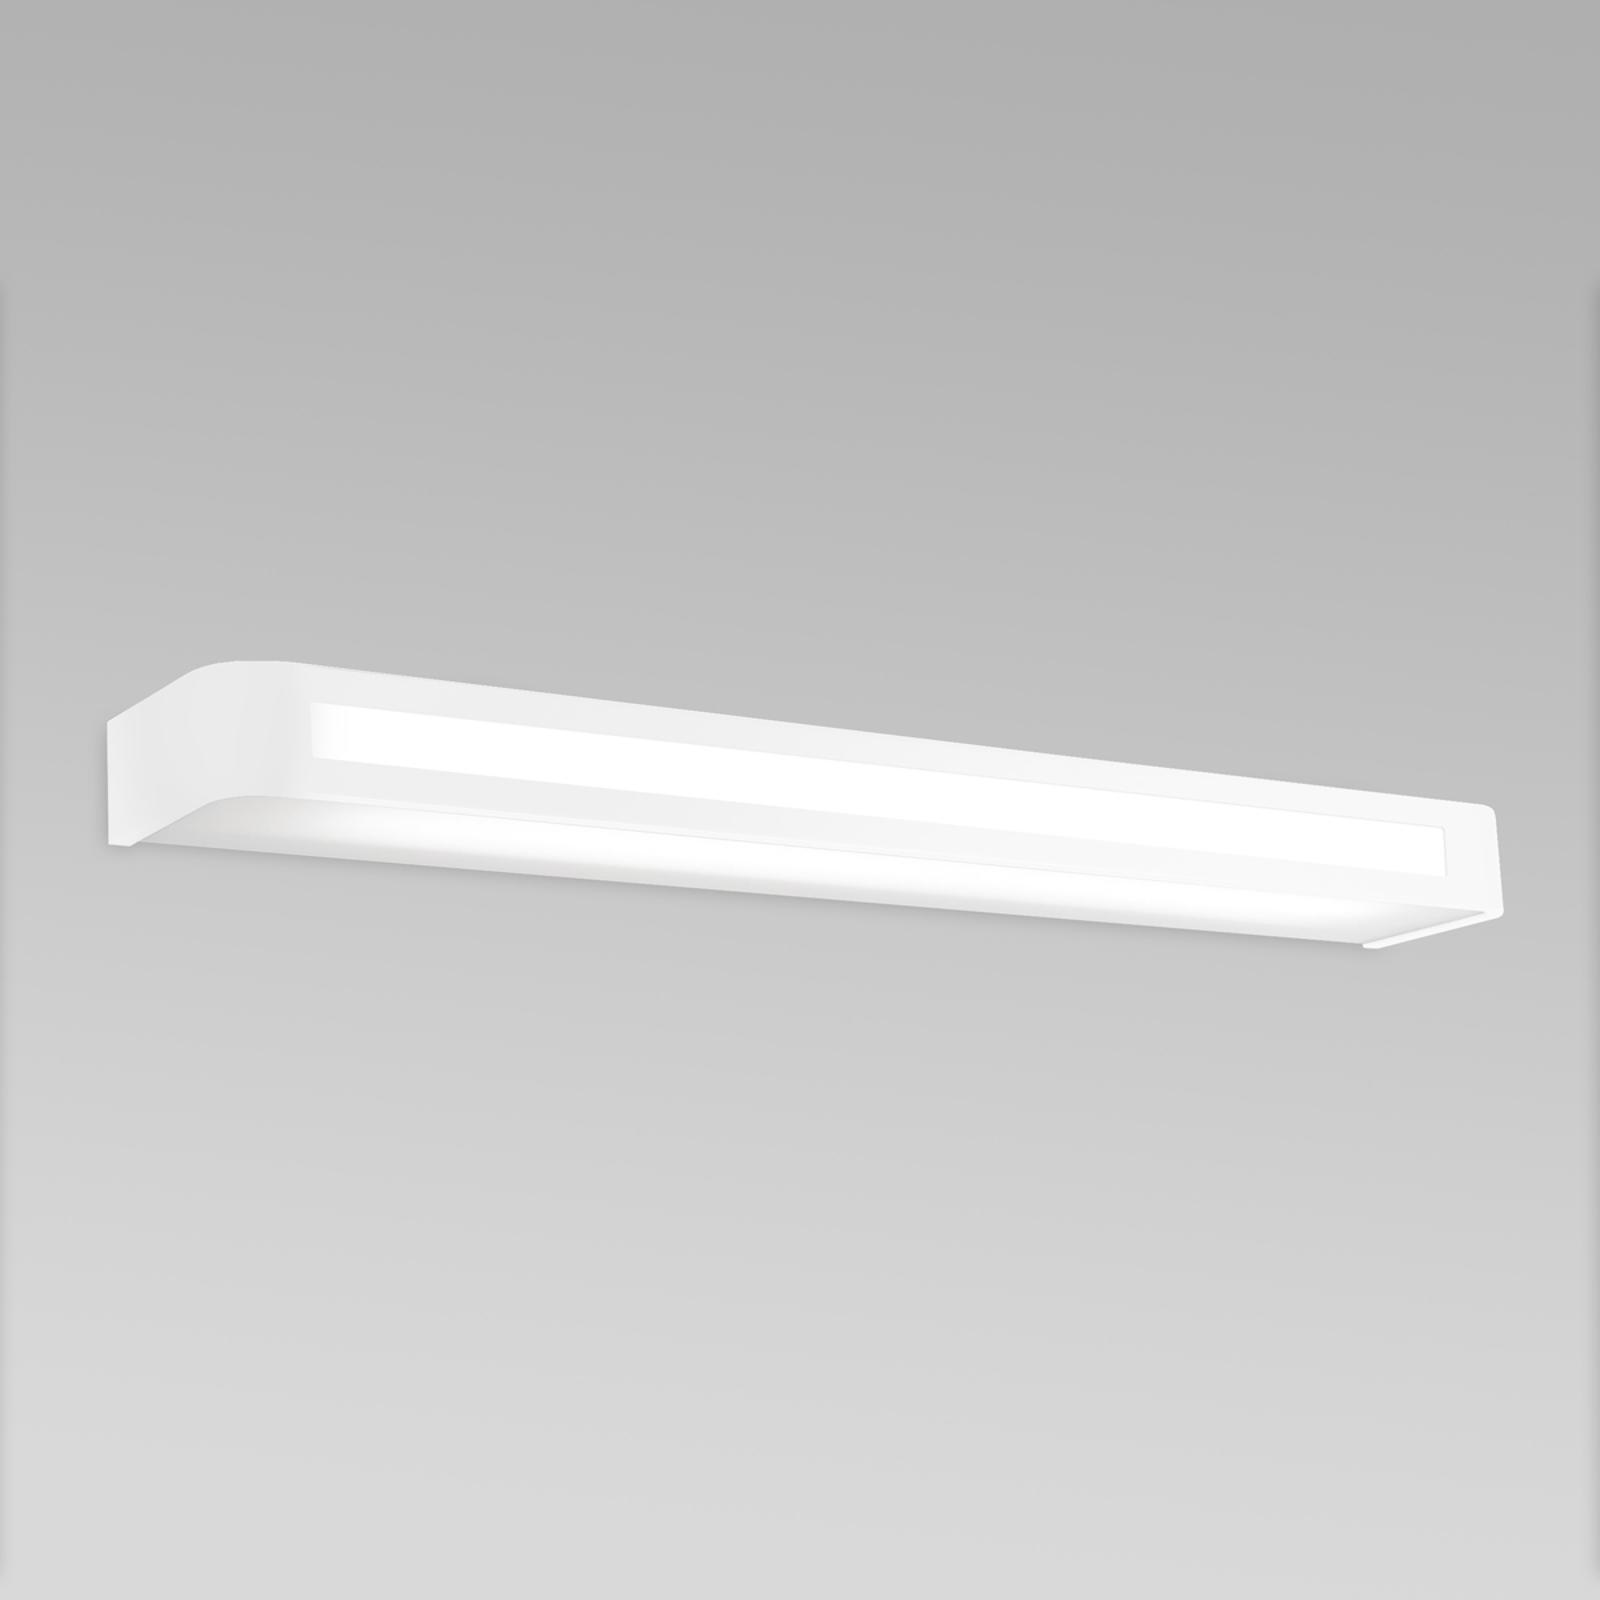 Tijdloze LED wandlamp Arcos, IP20 60 cm, wit